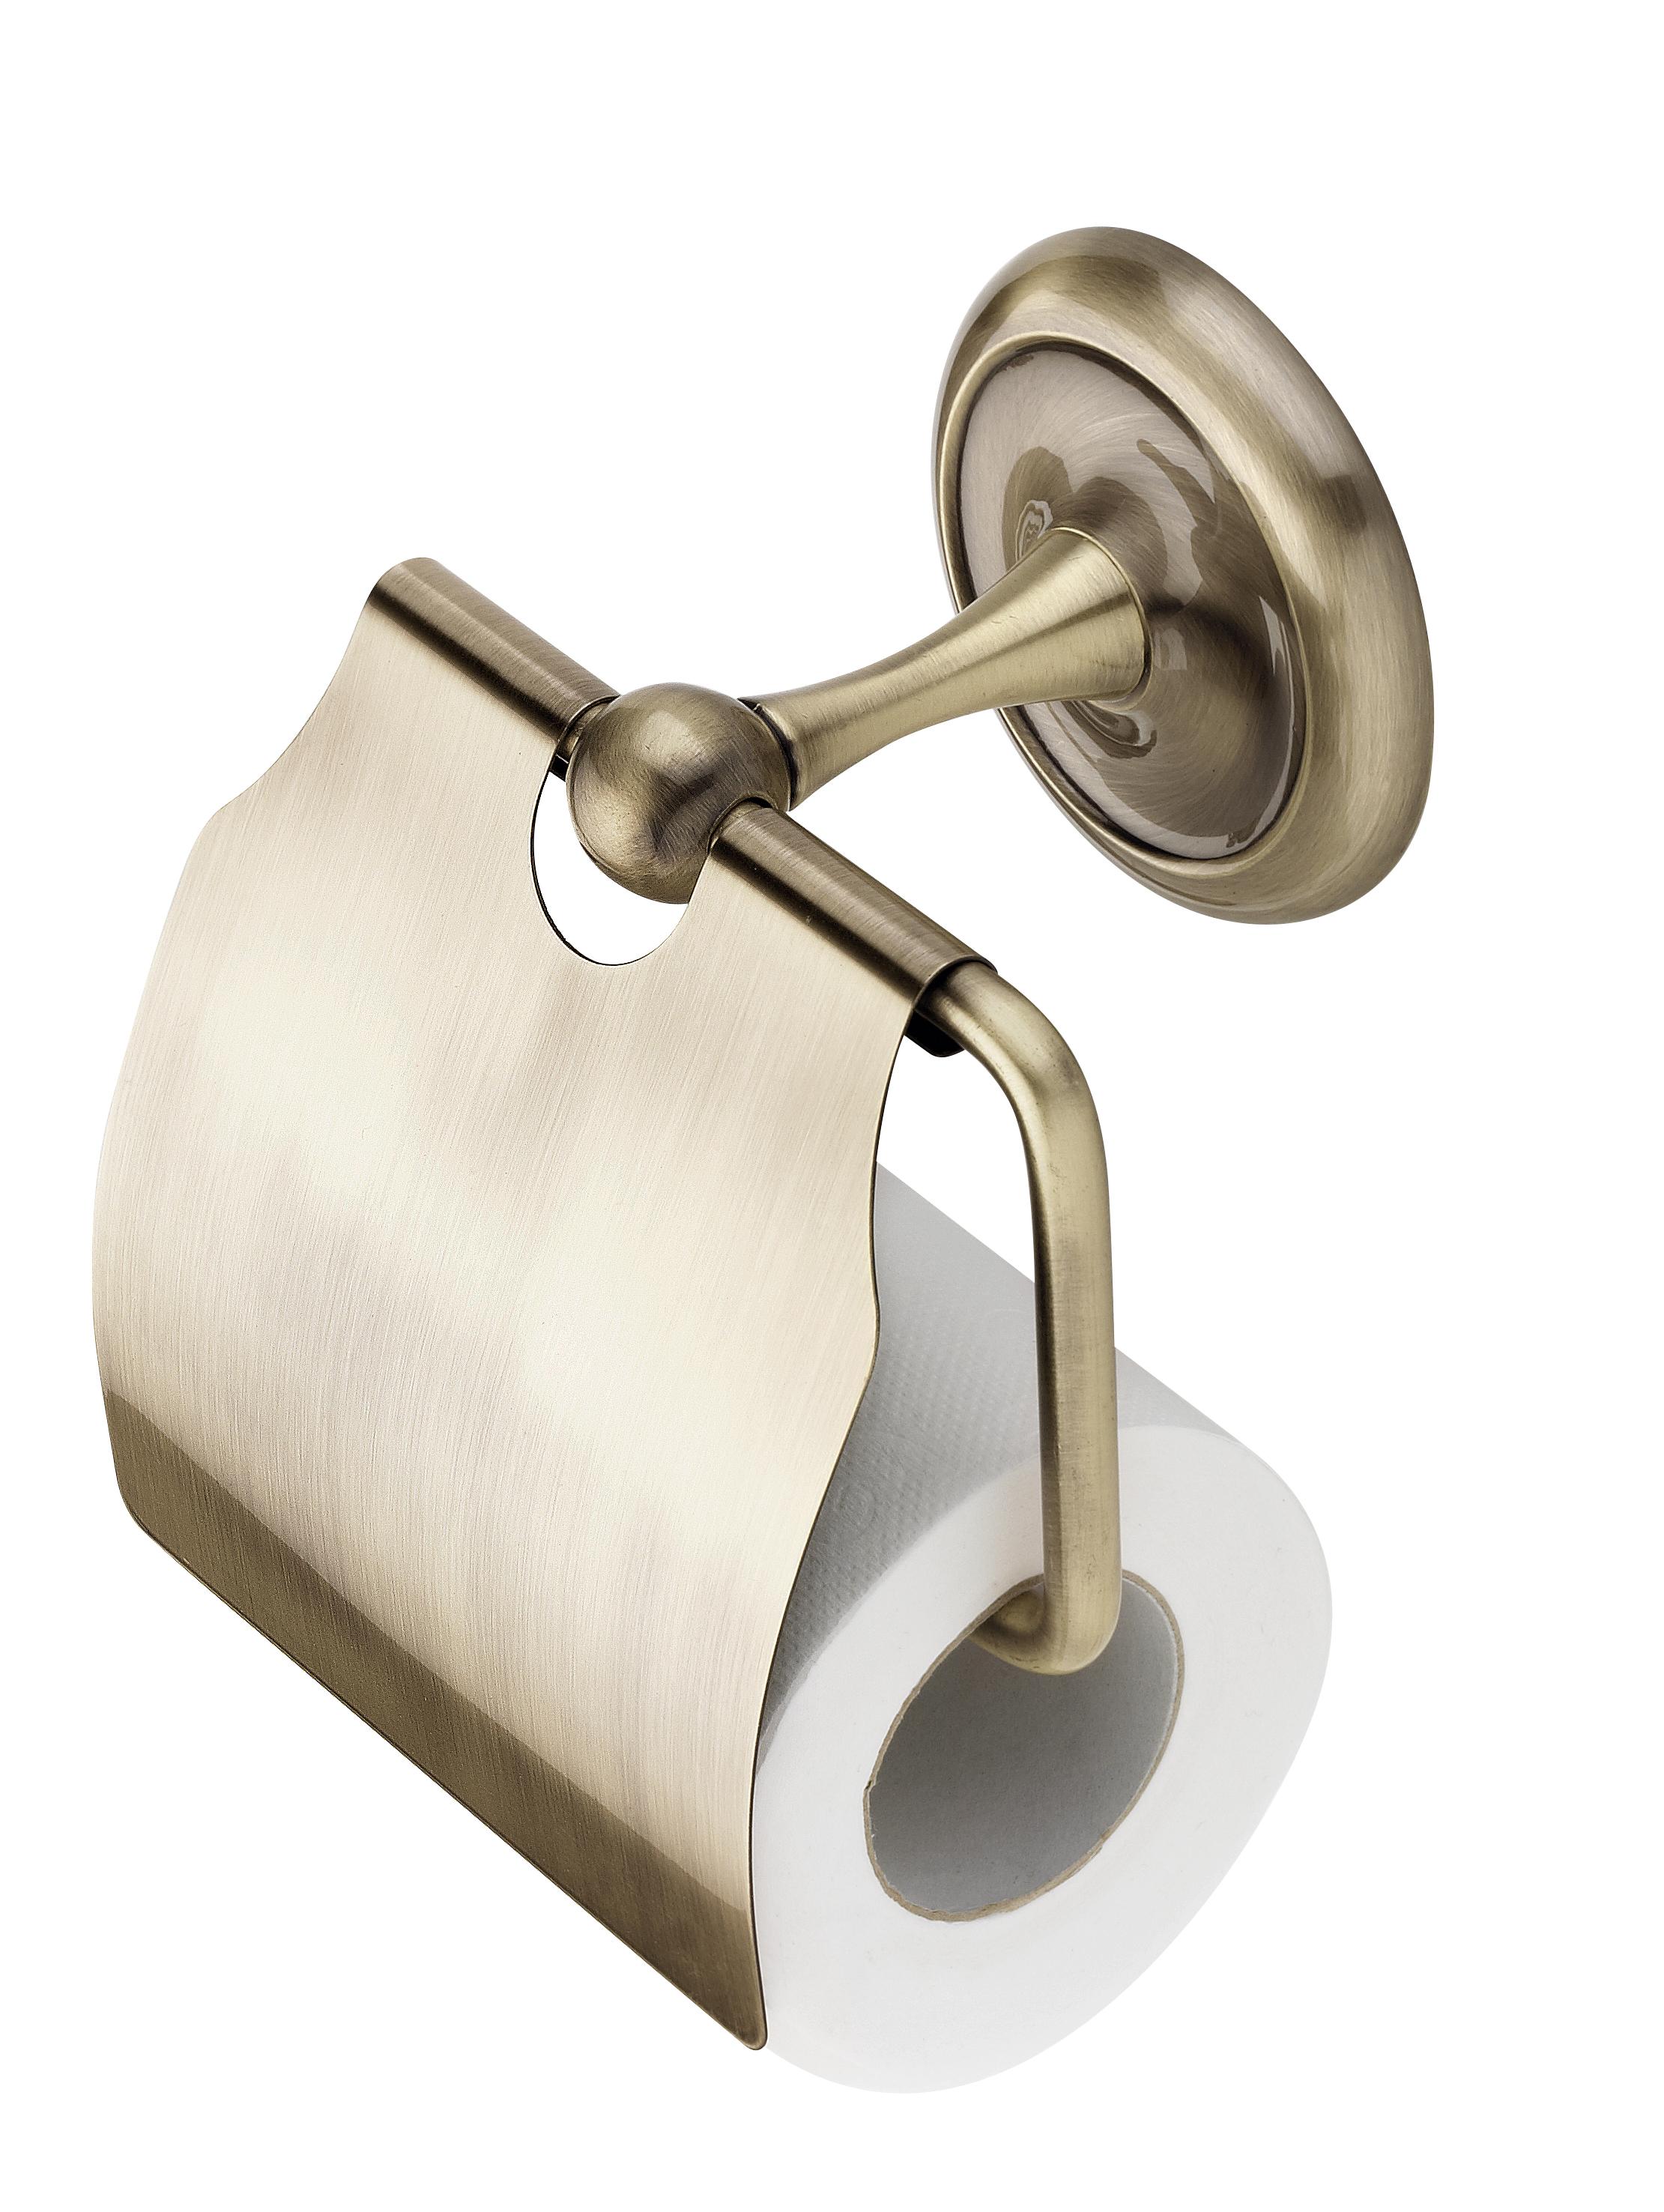 Suport hartie igienica CasaBlanca RETRO ACR15, finisaj bronz lucios imagine